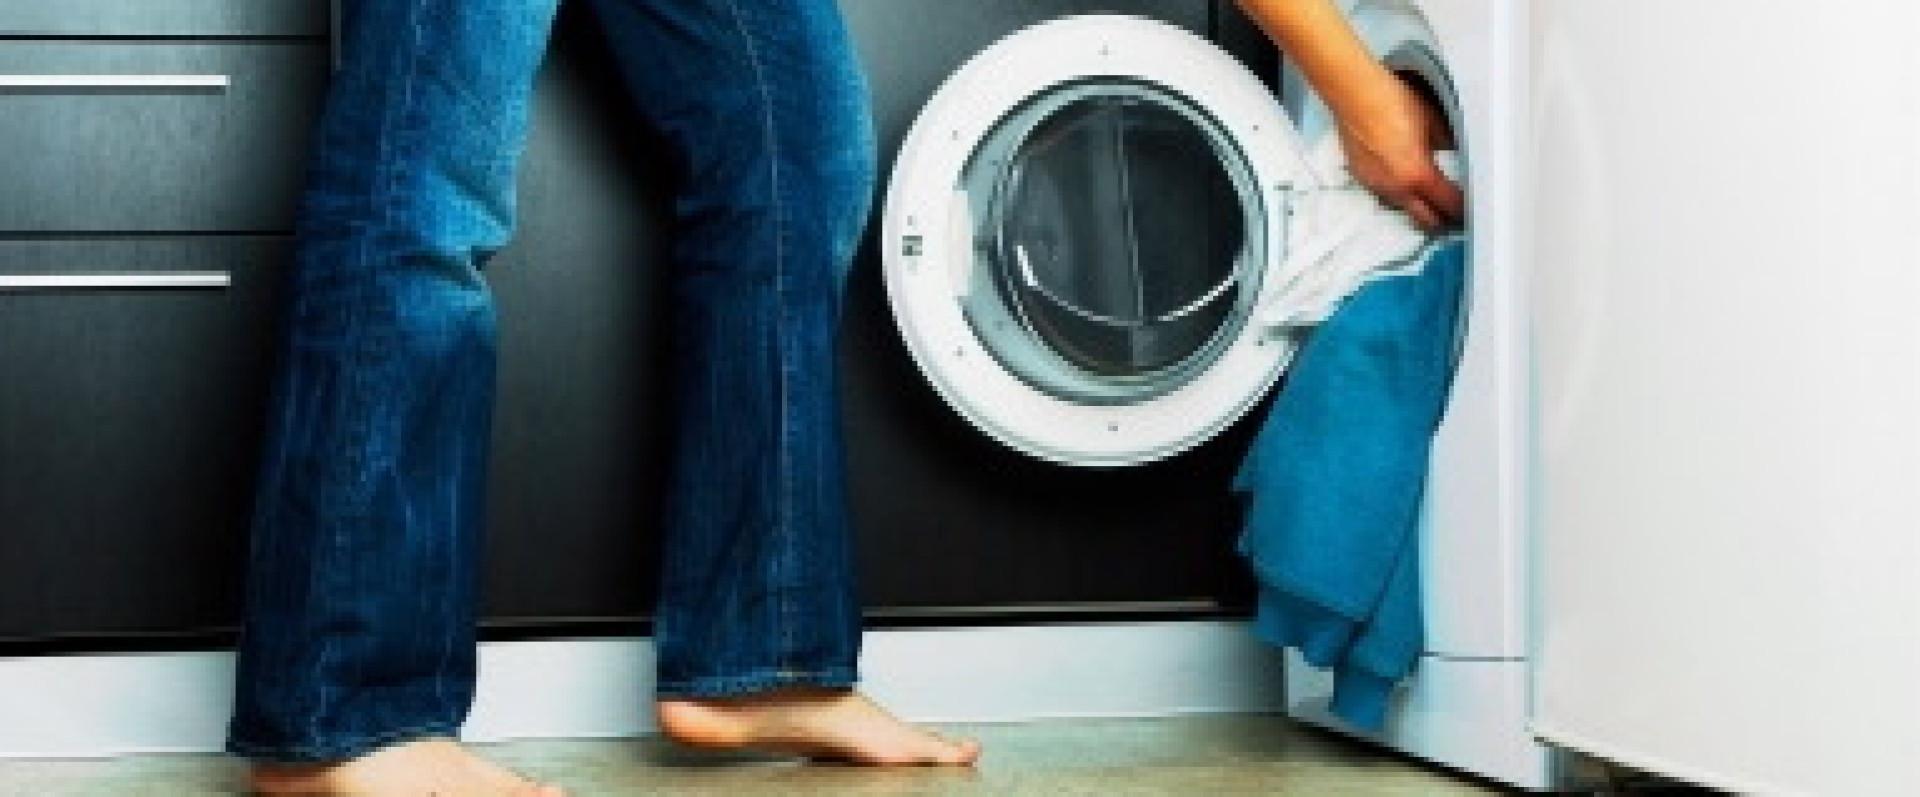 Wasmachine schoonmaken met azijn of soda - De HuishoudCoach